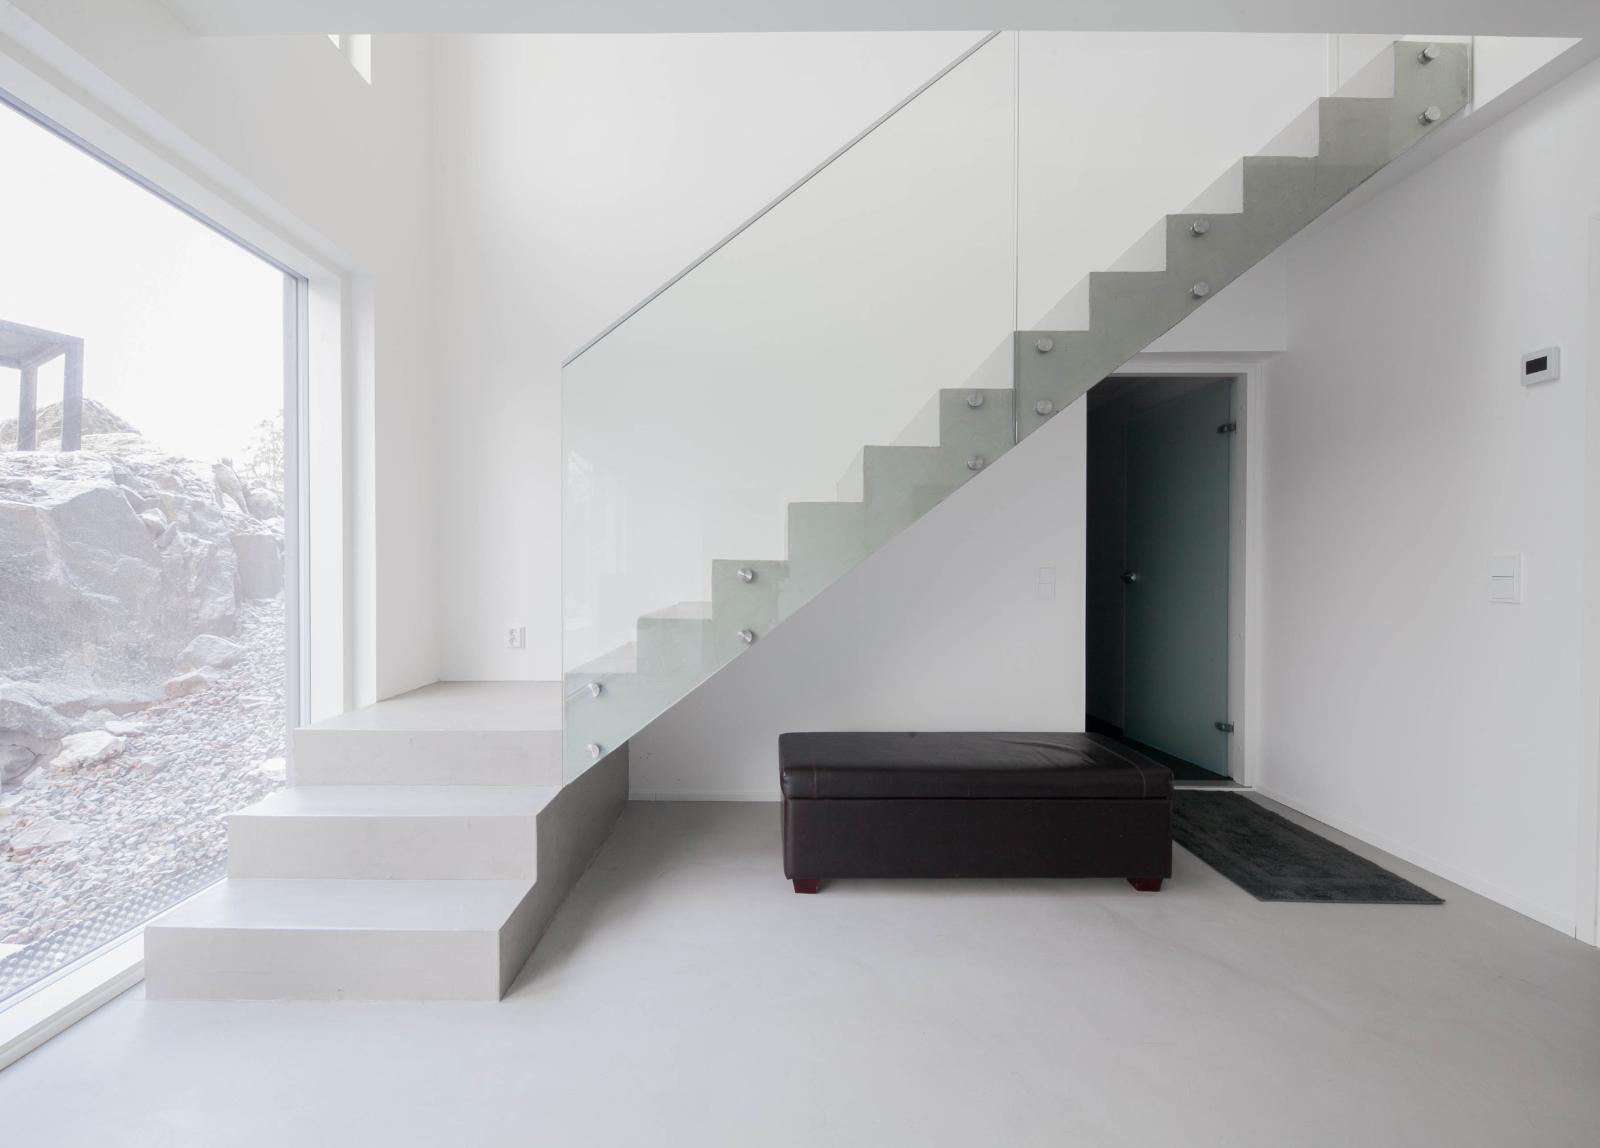 Esittelytalo A:n portaikko